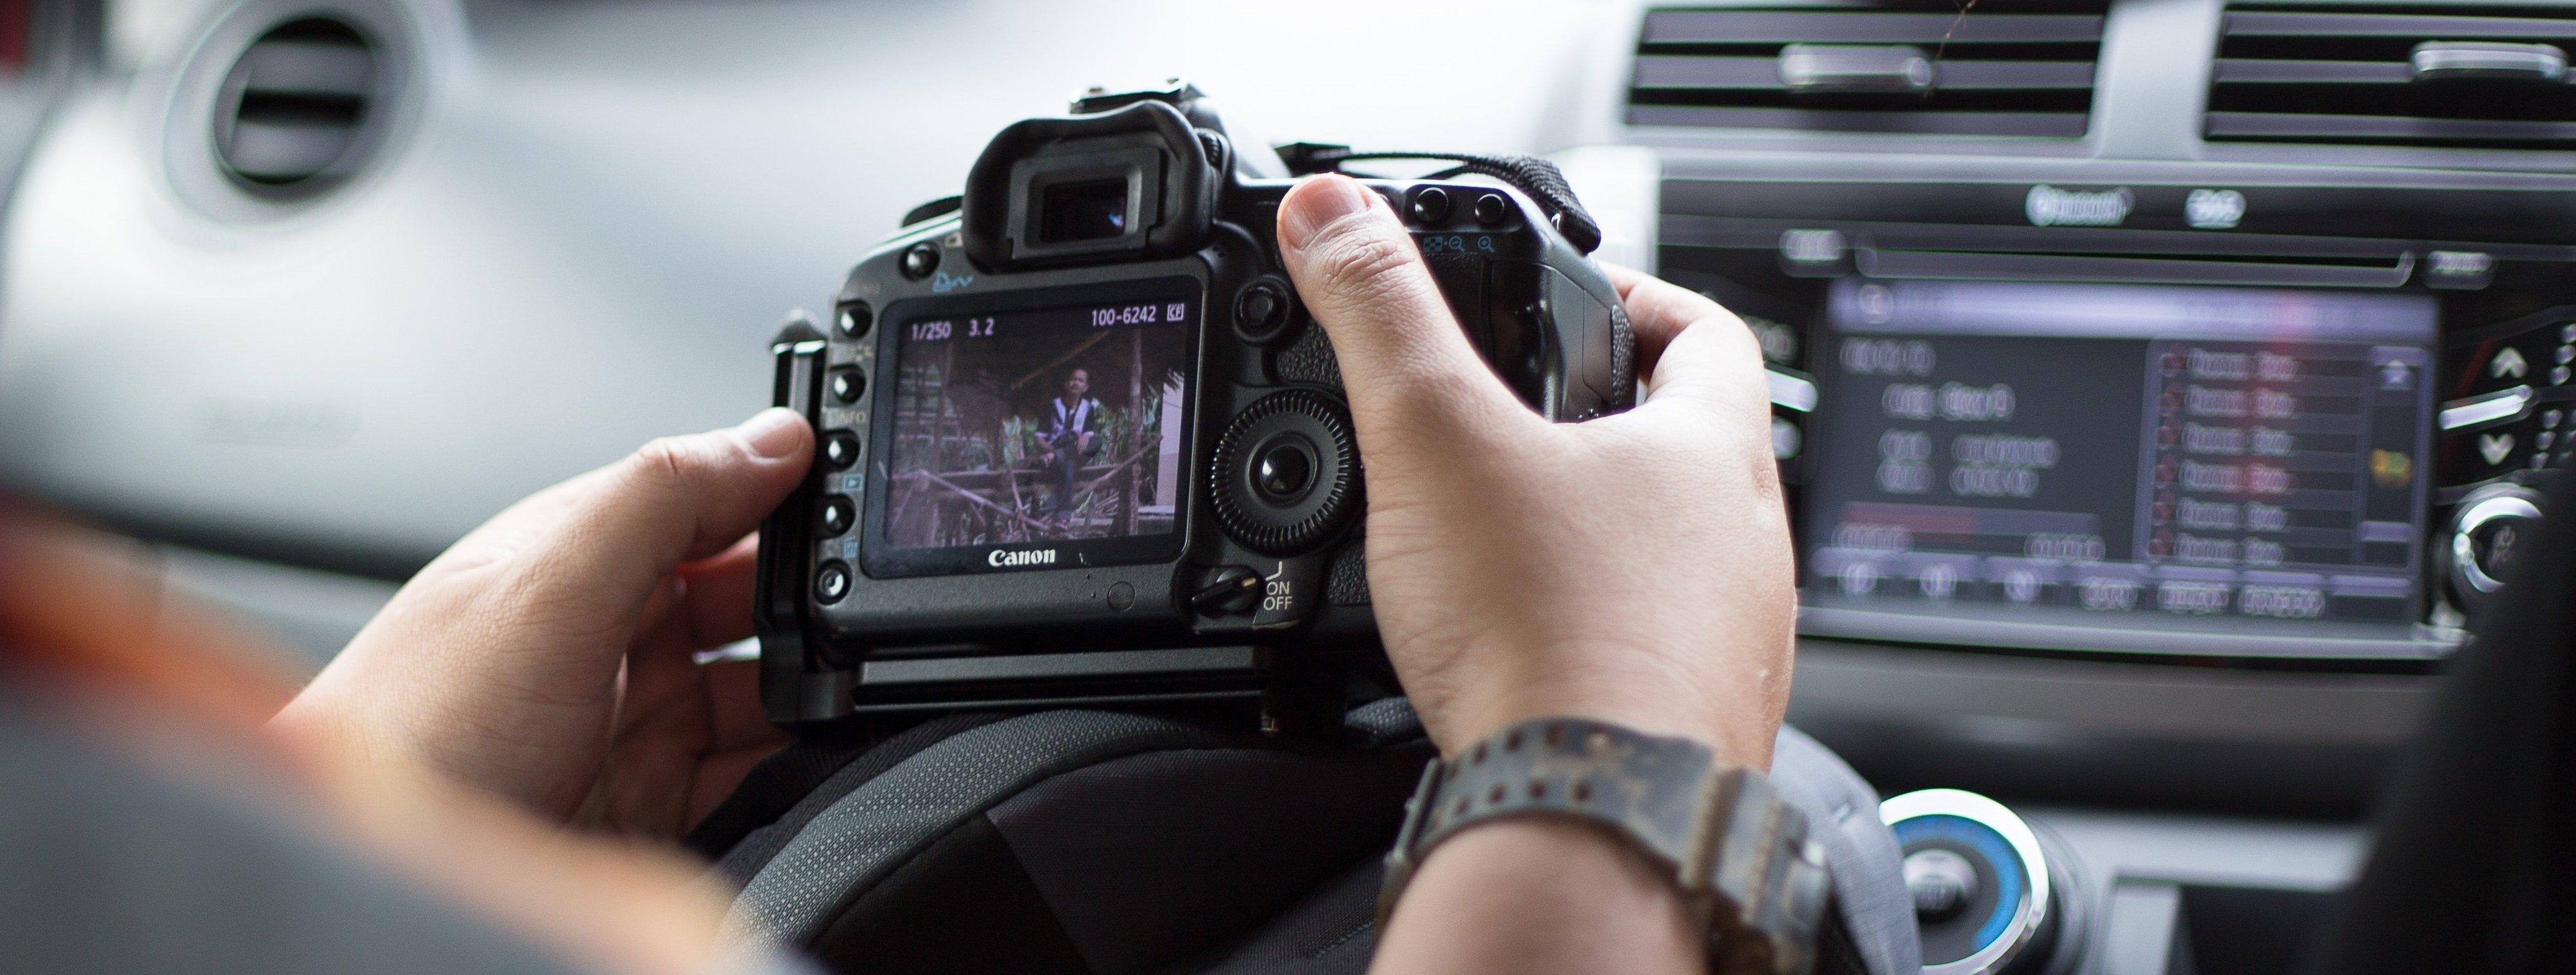 camera-canon-car-249320